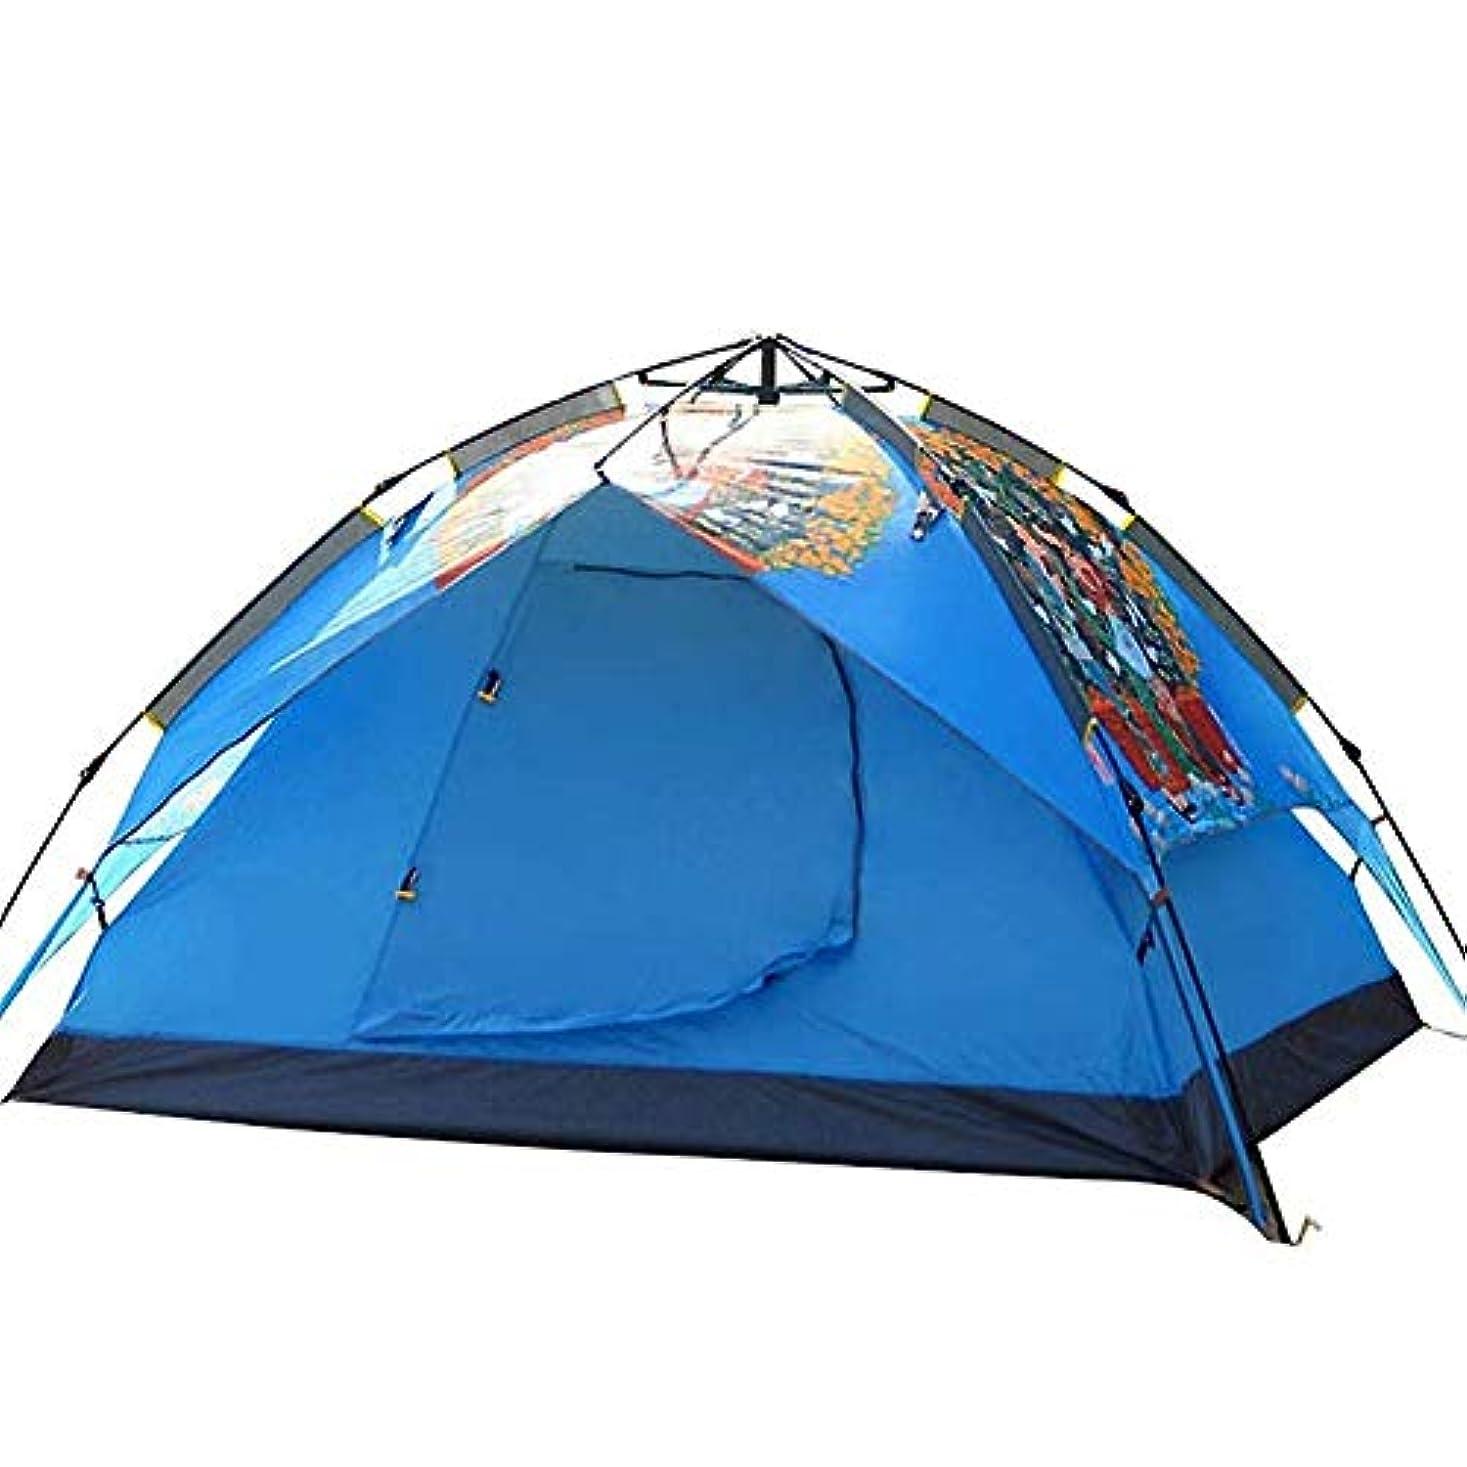 甘やかす意味公キャンプテント、3?4人テントフルカラー印刷観光キャンプビーチで大きな通気孔二重層ポータブル家族キャンプテント